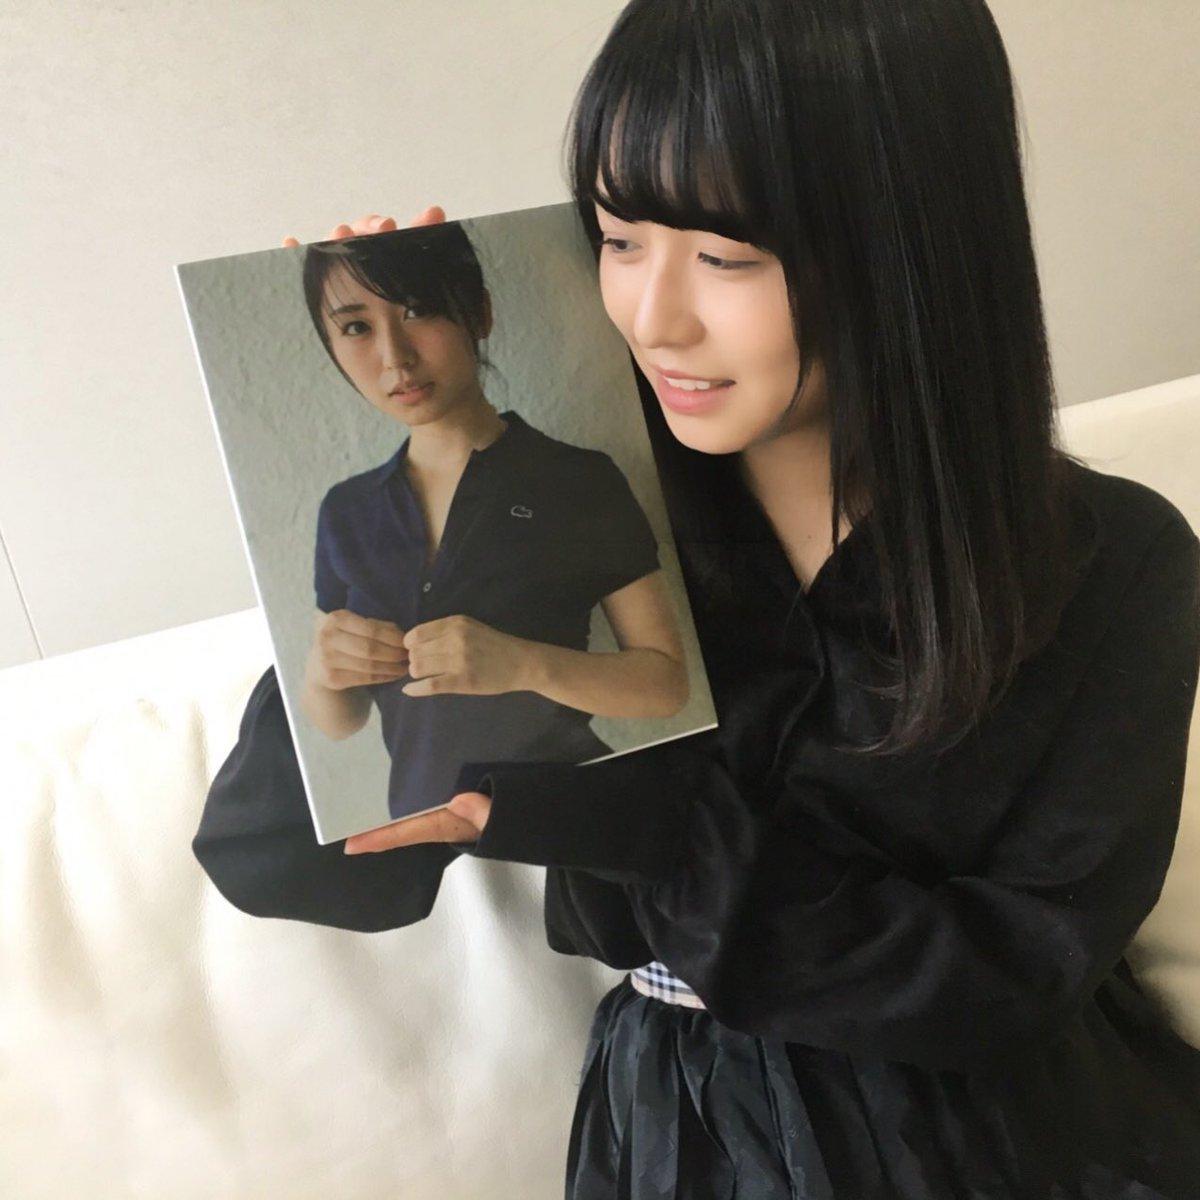 長濱ねる 画像 069